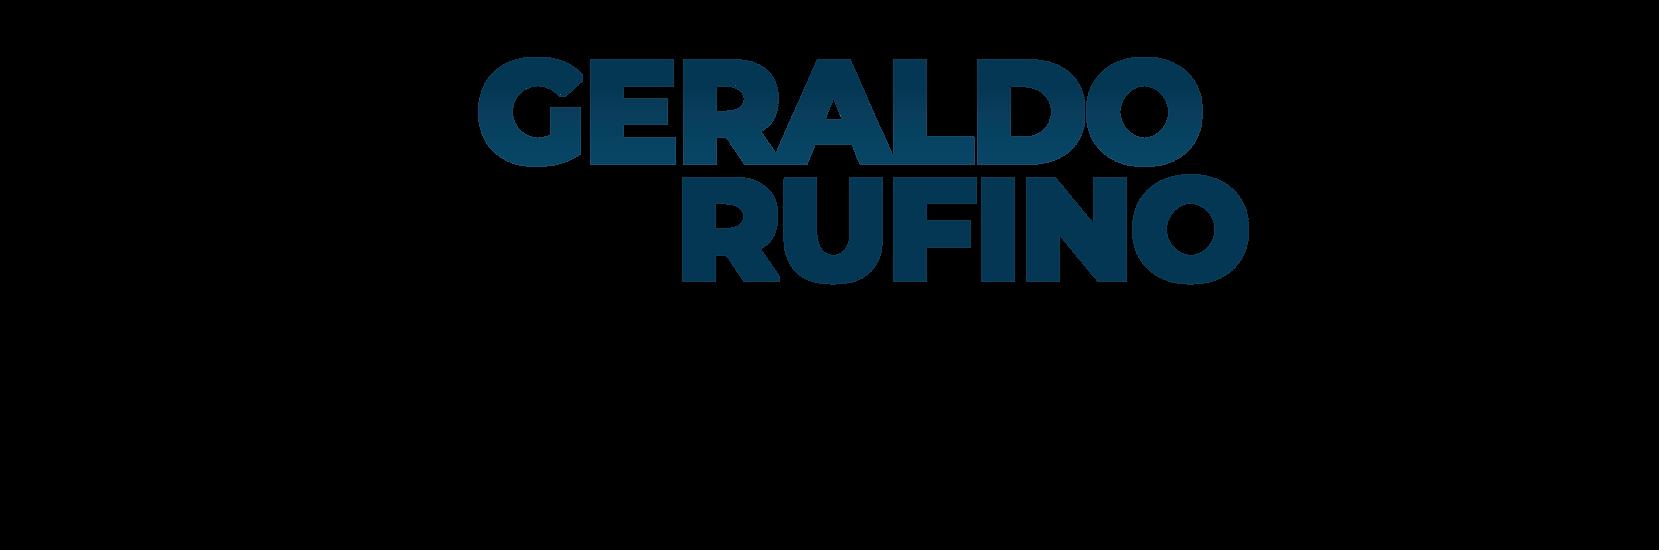 Geraldo.png